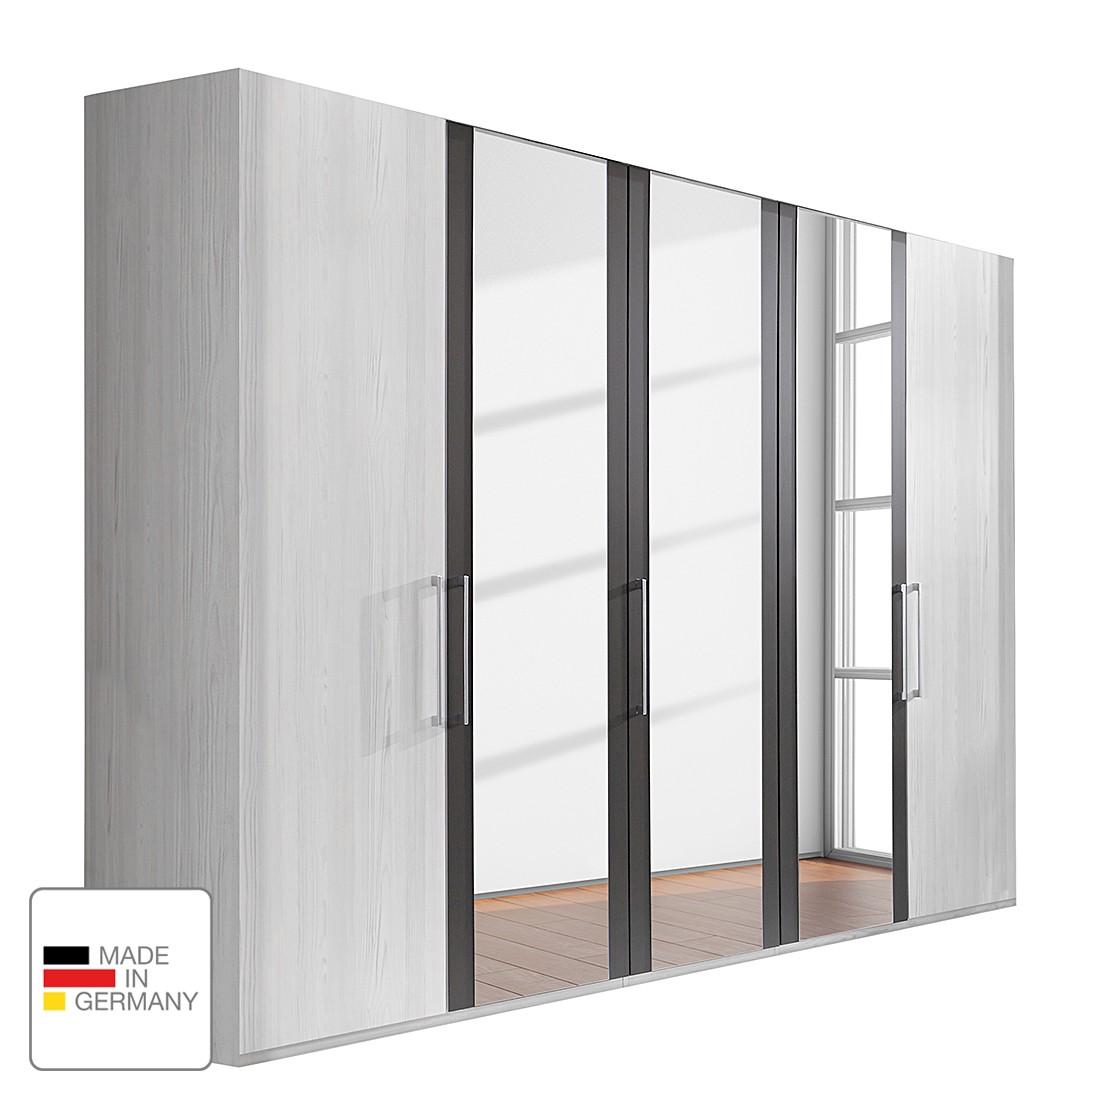 Drehtürenschrank Lissabon - Polar Lärche Dekor/Havanna - 400 cm (8-türig) - 2 Spiegeltüren - Ohne Passepartoutrahmen, Althoff